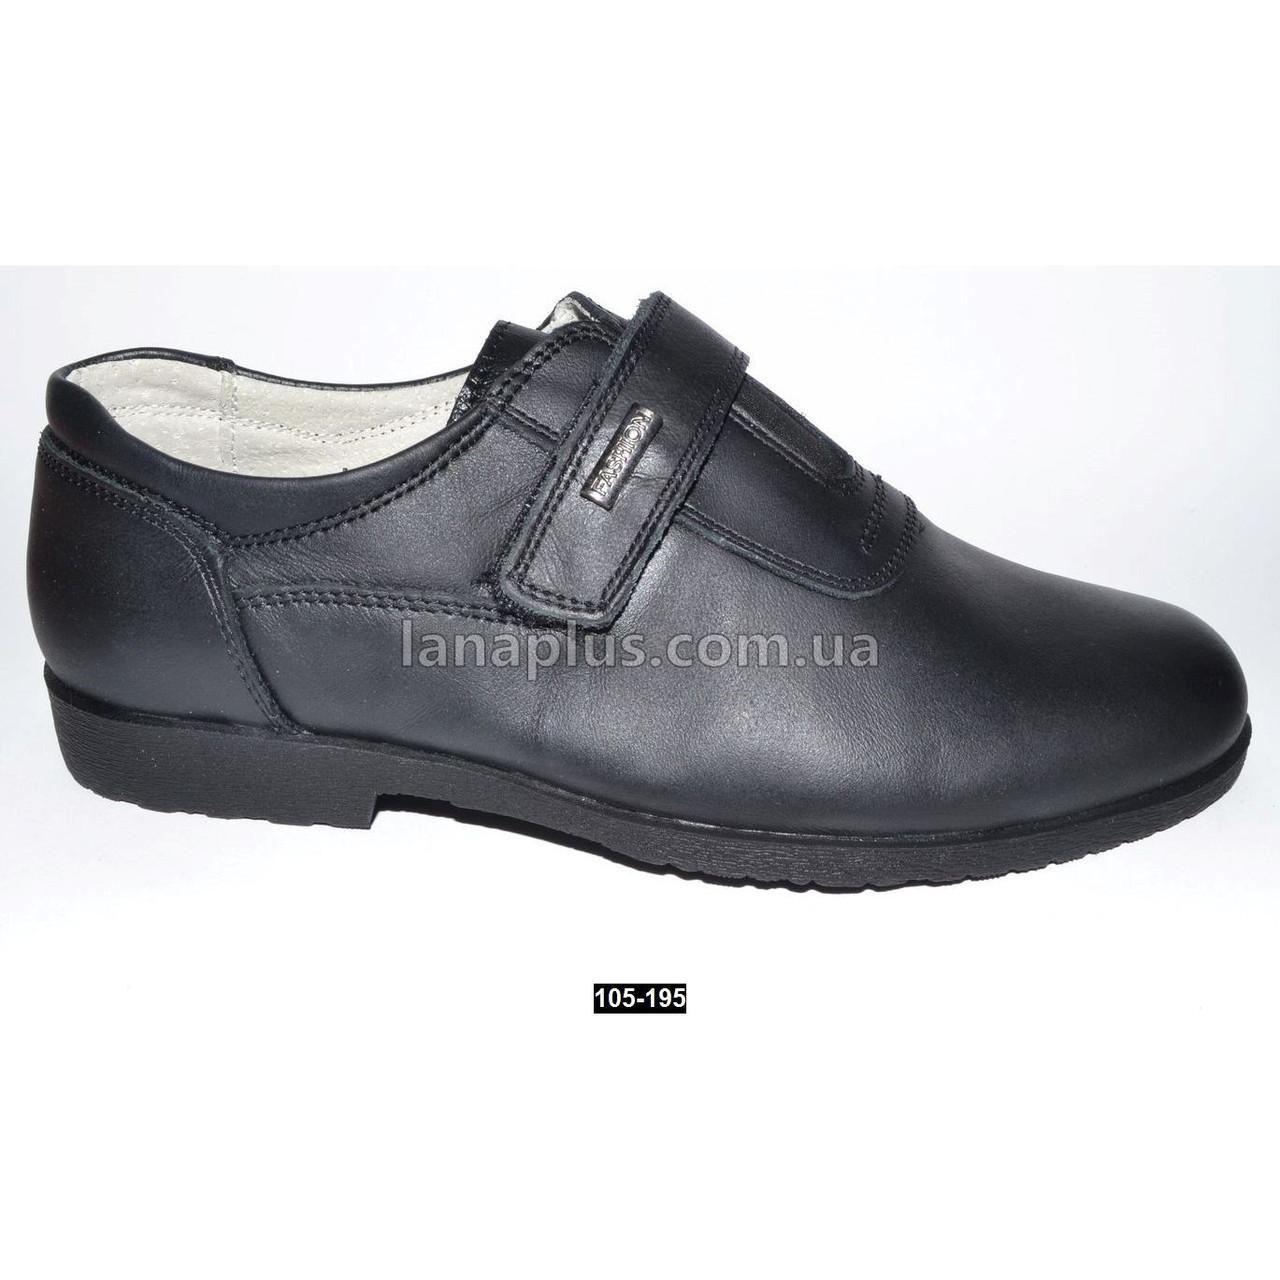 Школьные кожаные туфли для мальчика, 32 размер (21 см), кожаная стелька, супинатор